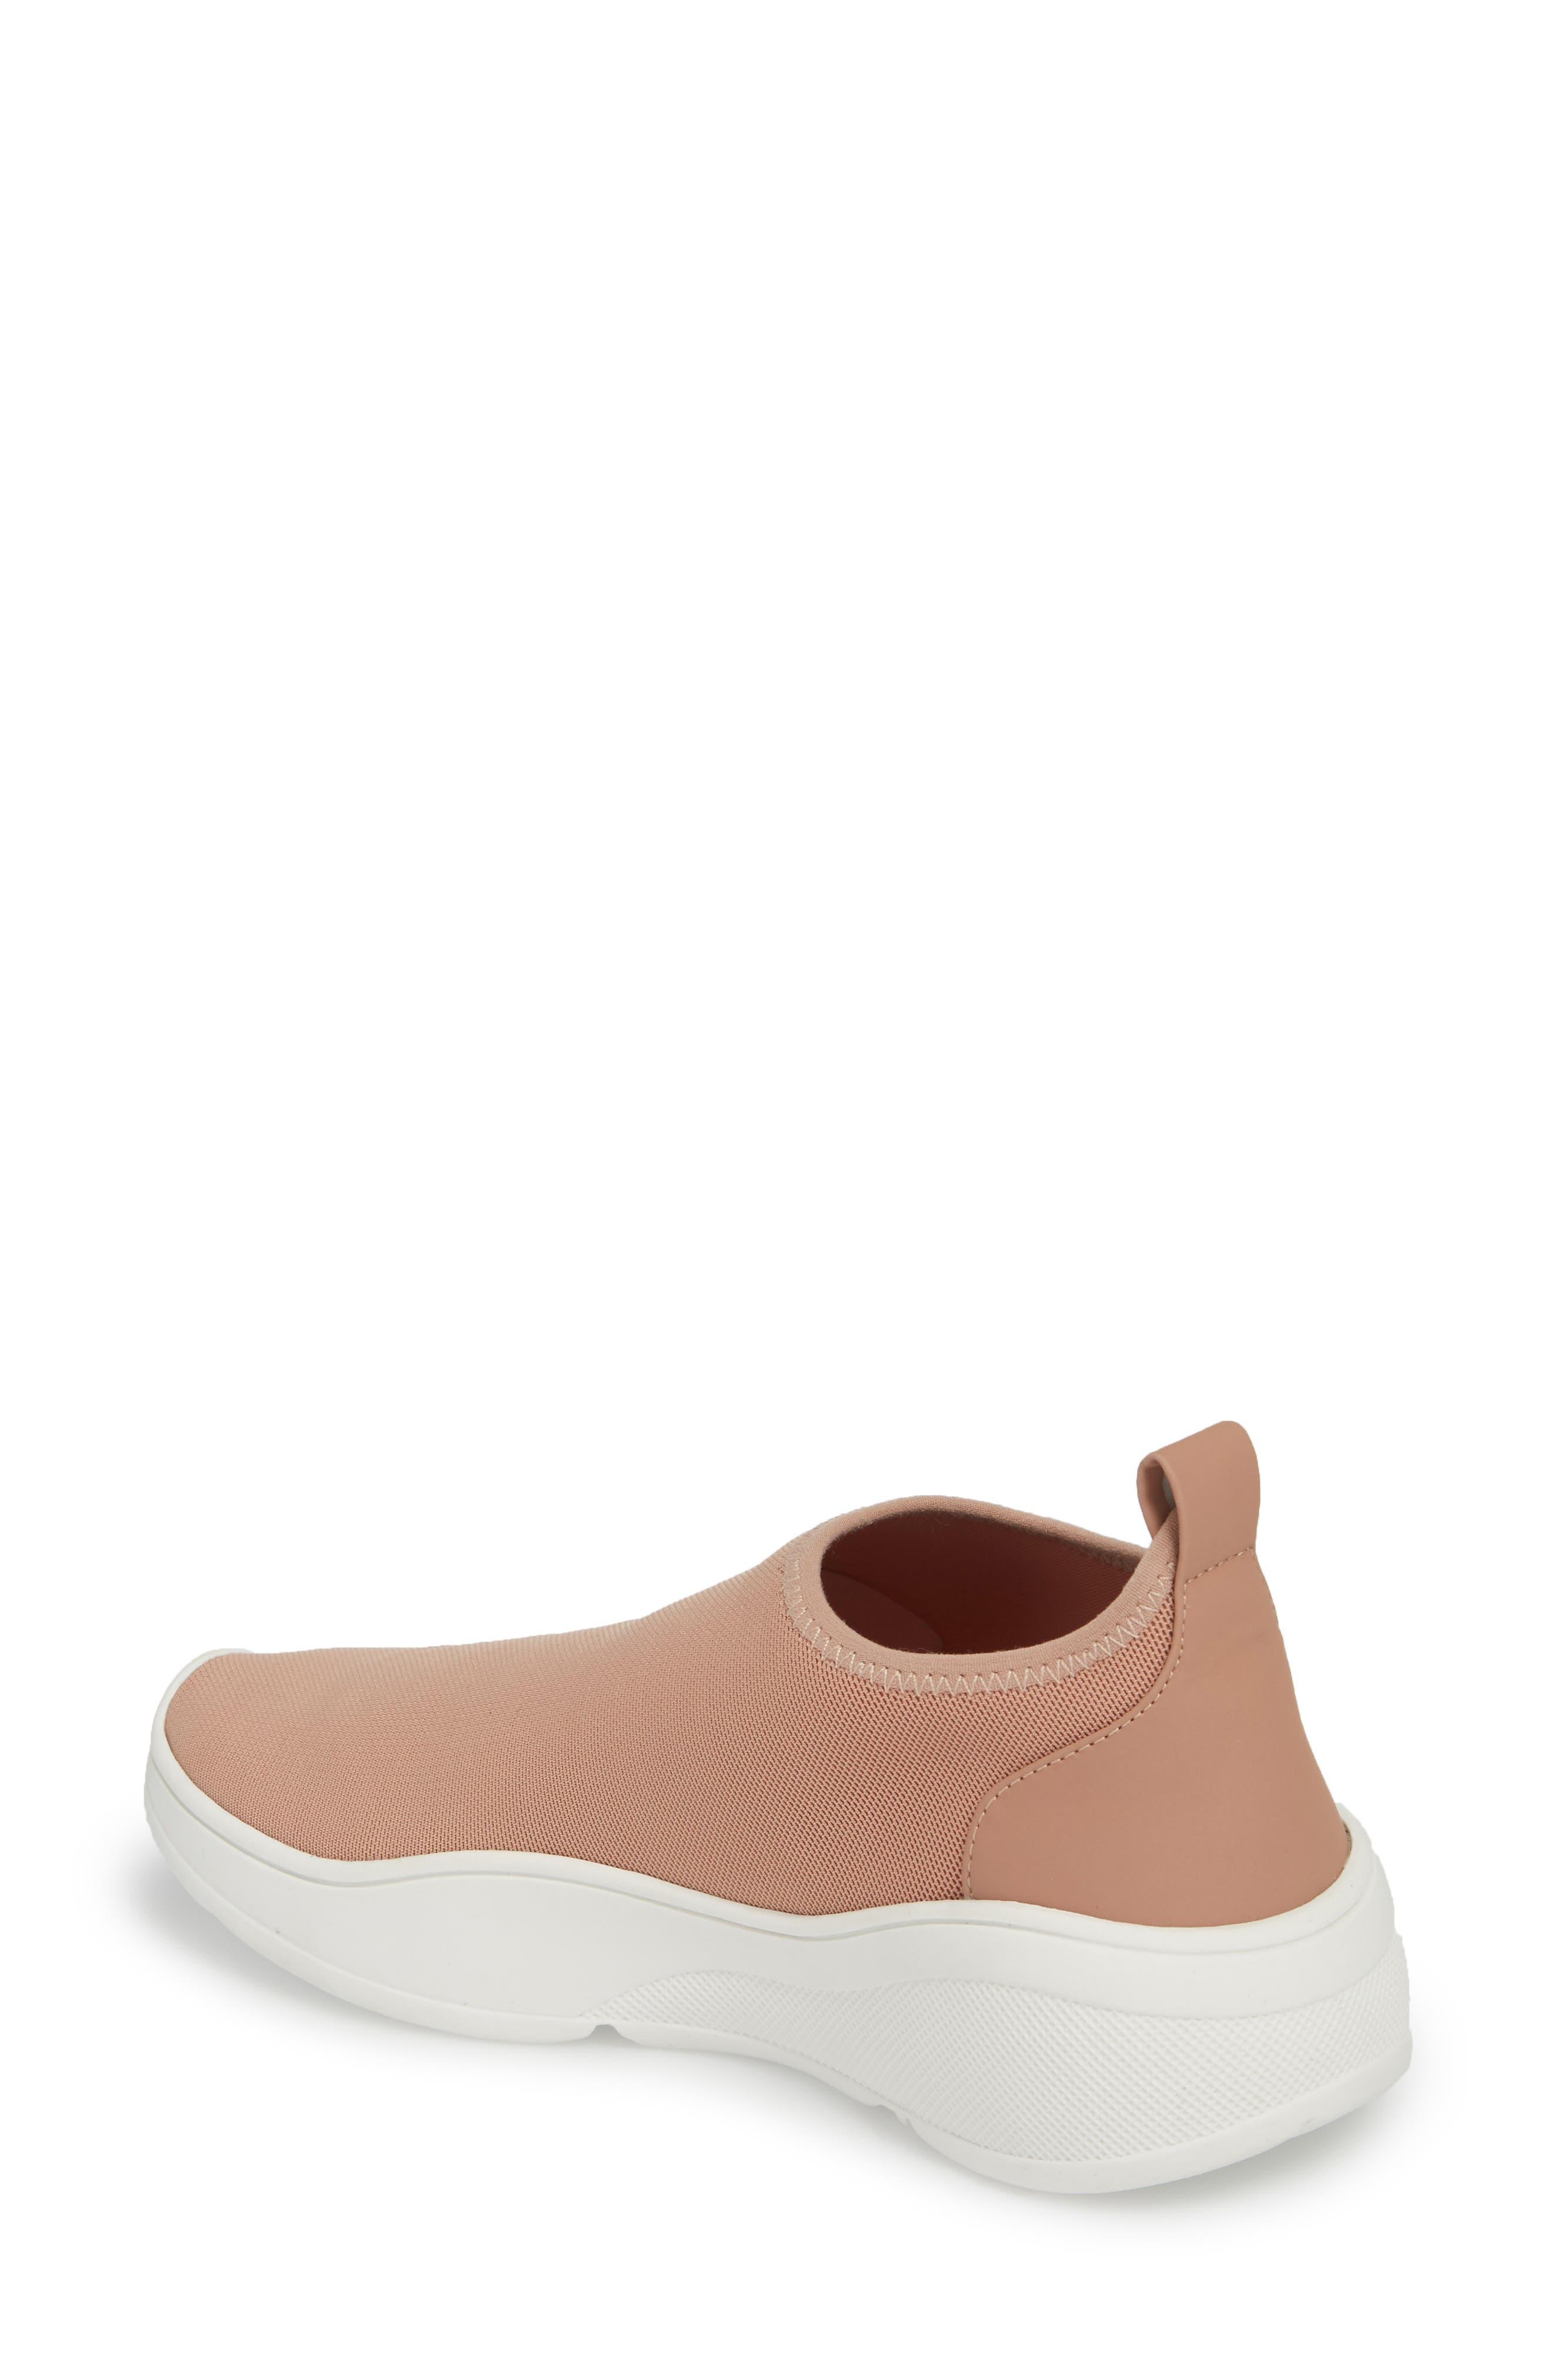 Floren Slip-On Sneaker,                             Alternate thumbnail 2, color,                             Blush